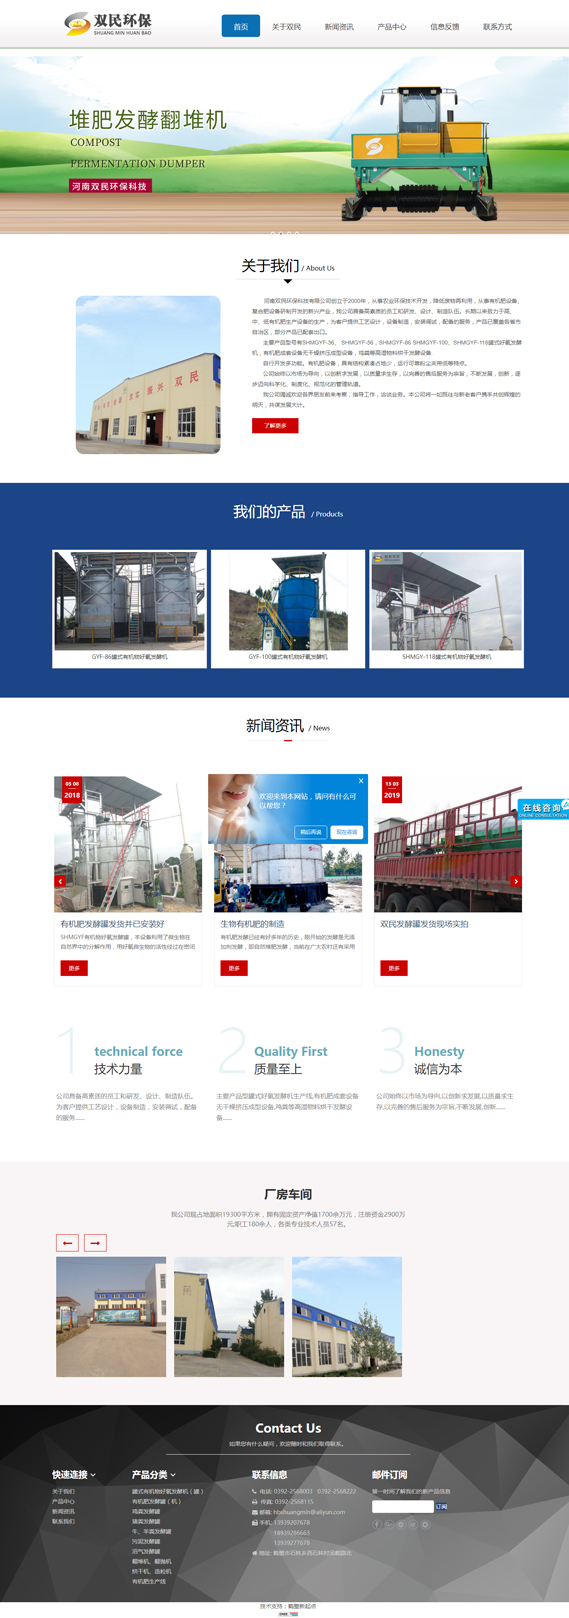 河南双民环保科技有限公司